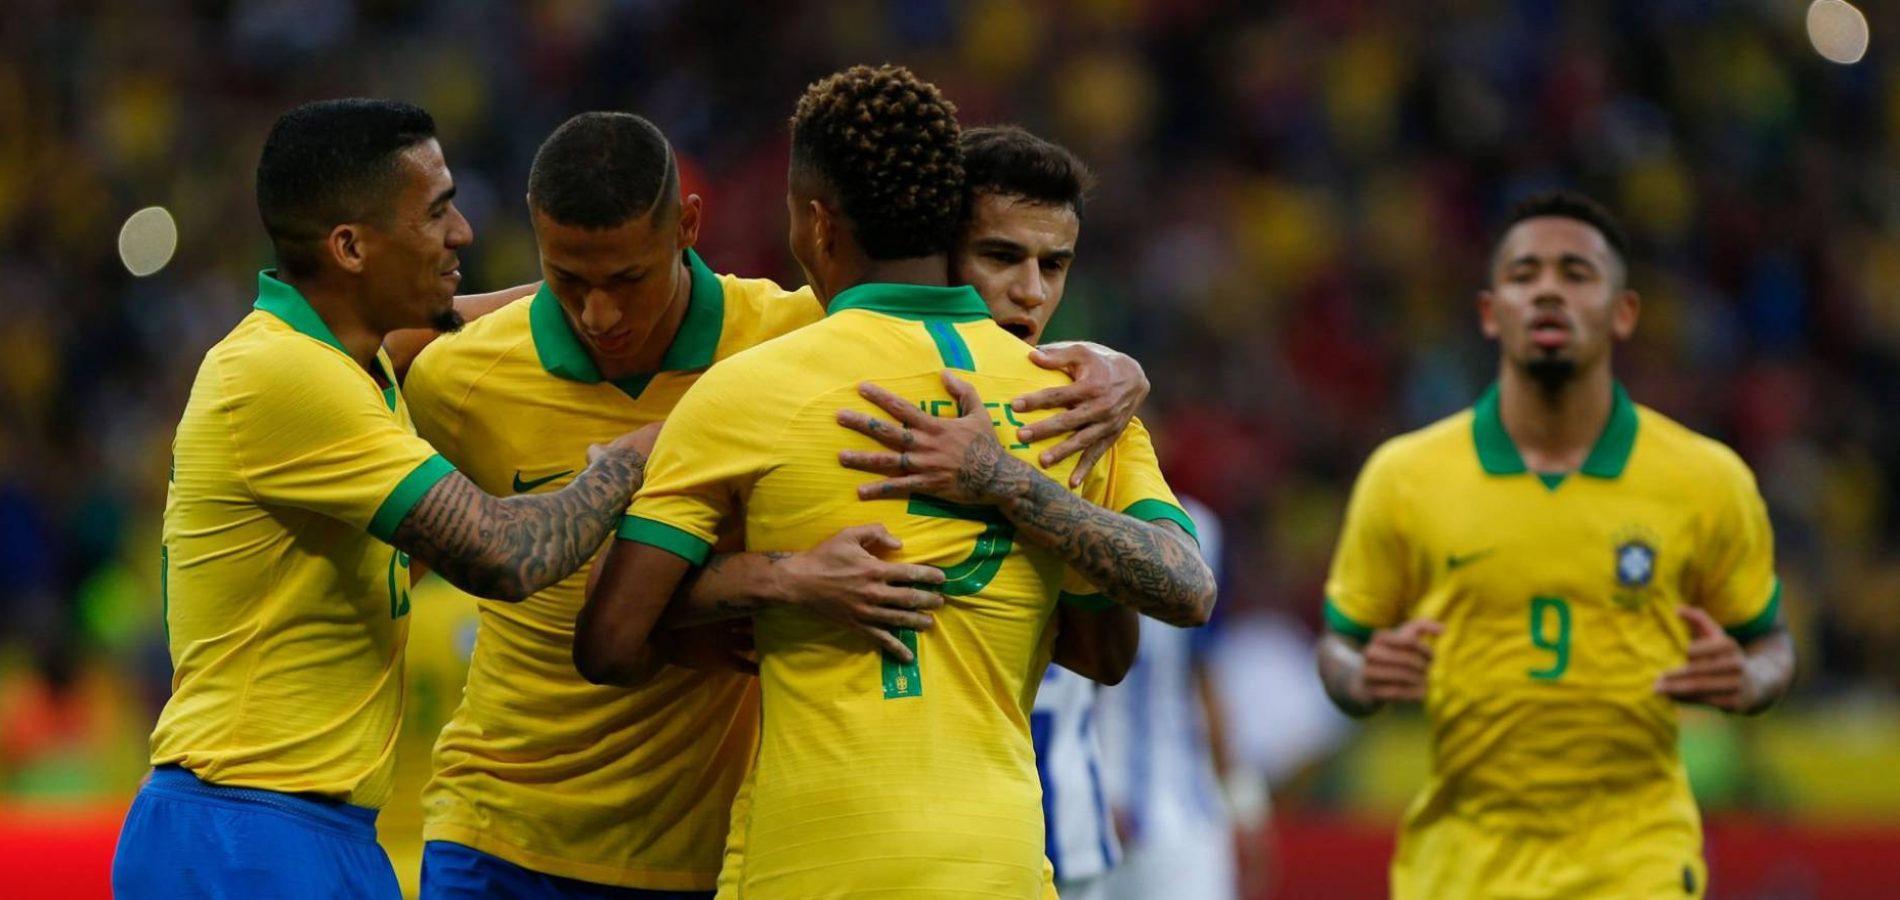 Brasil goleia Honduras por 7 a 0 na maior vitória da era Tite